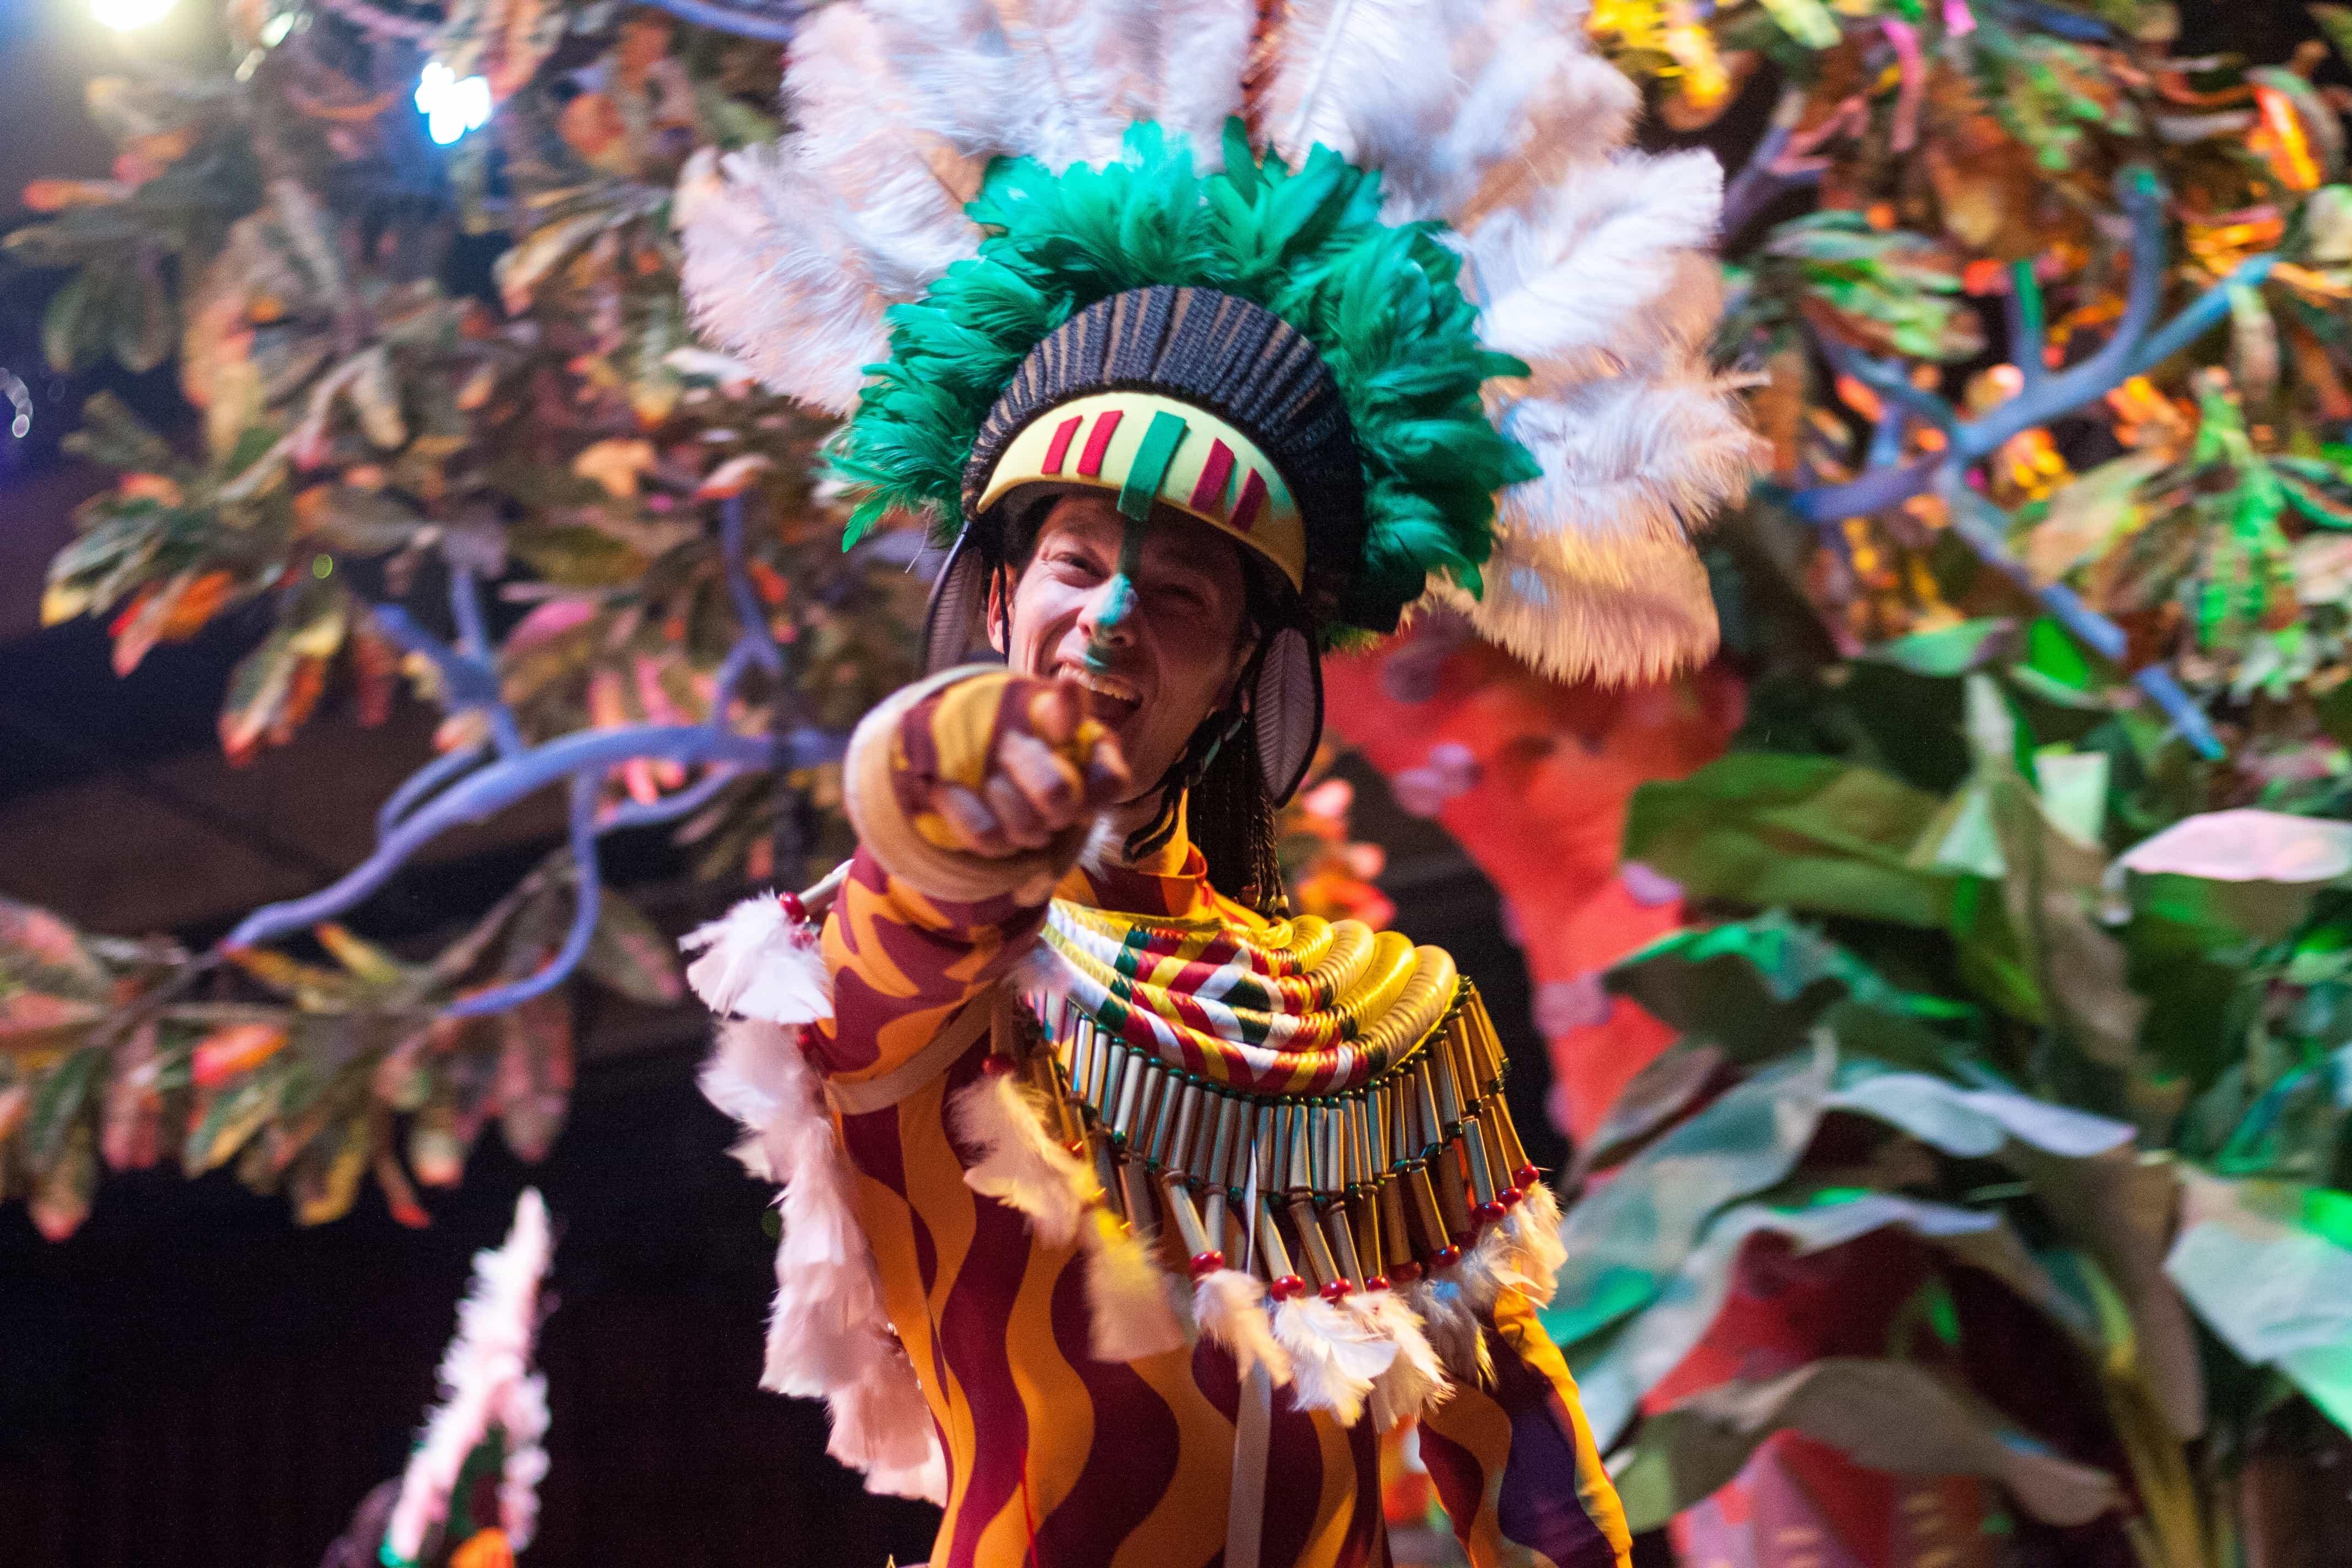 carnaval in Segovia